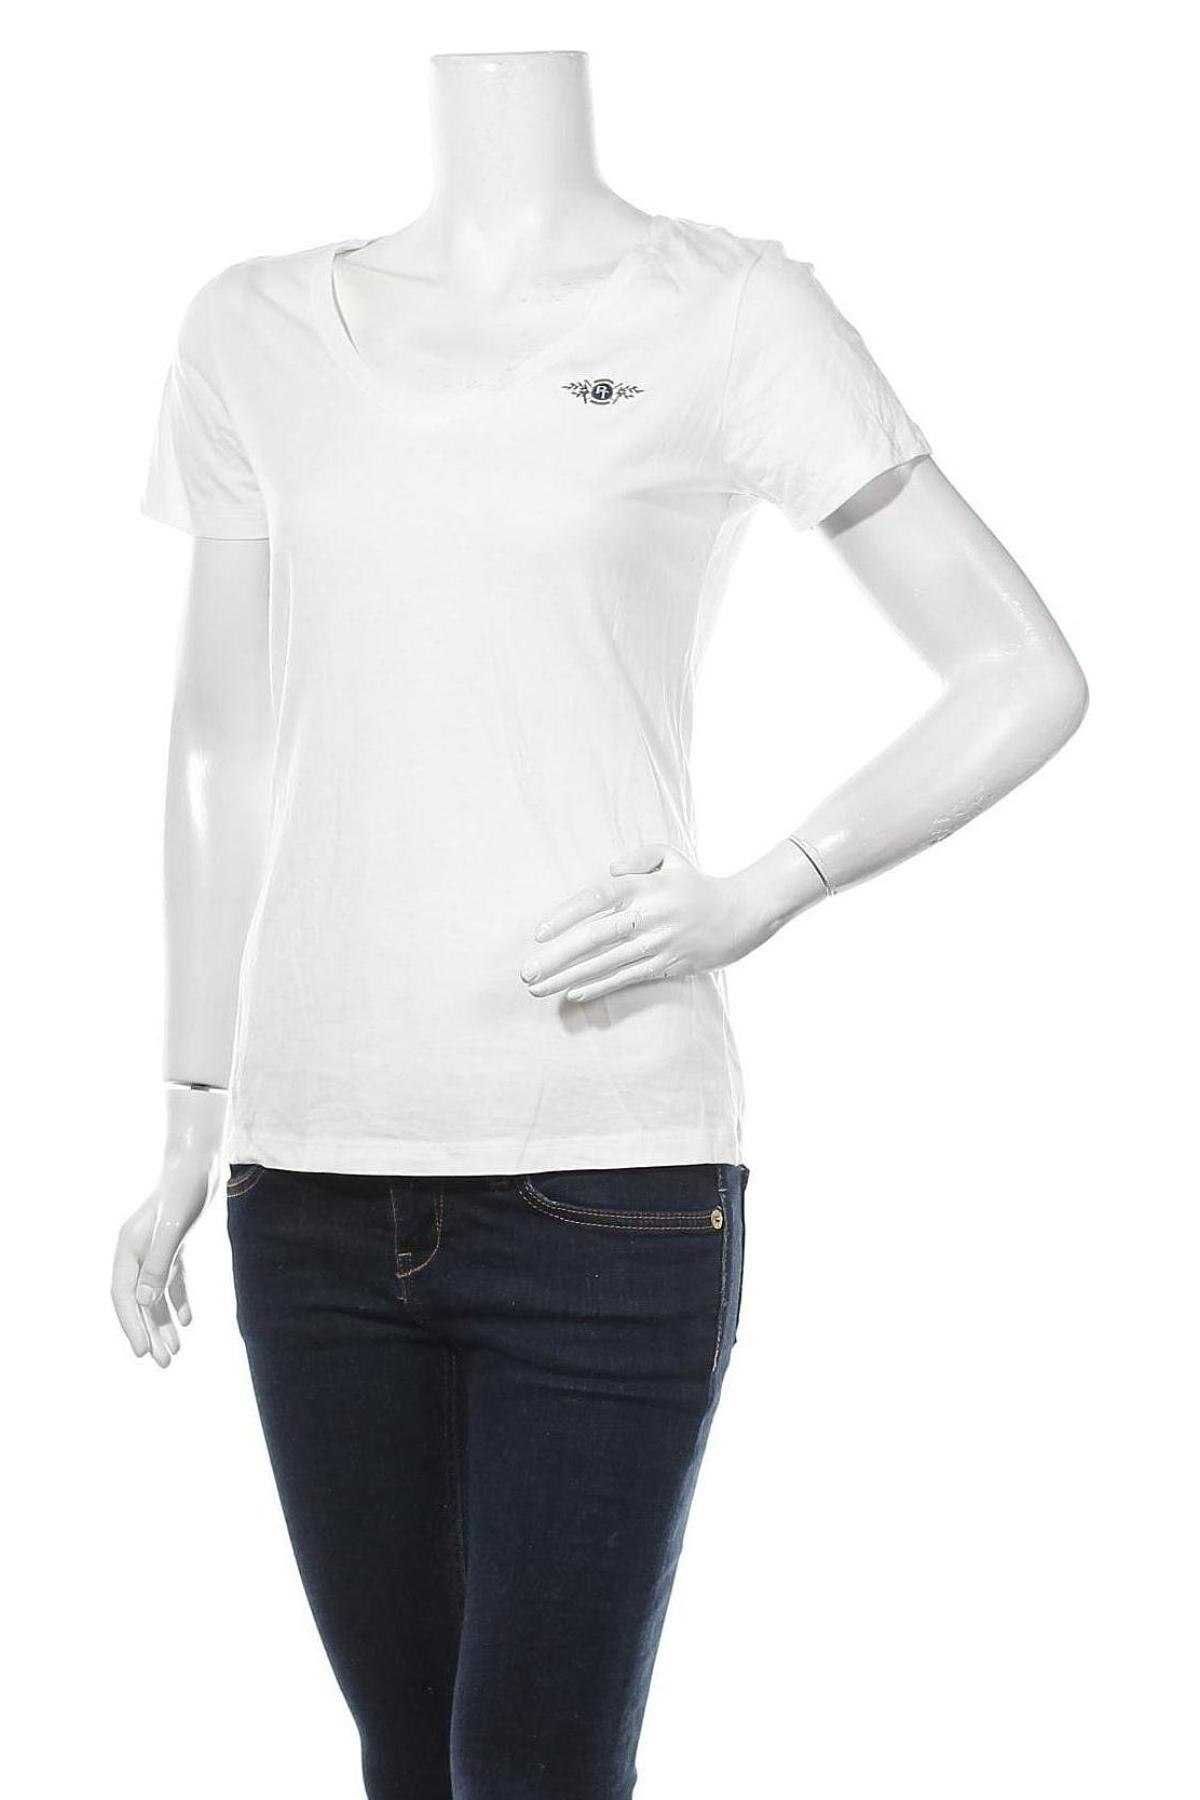 Γυναικείο t-shirt Tom Tailor, Μέγεθος S, Χρώμα Εκρού, 50% βαμβάκι, 50% μοντάλ, Τιμή 15,08€